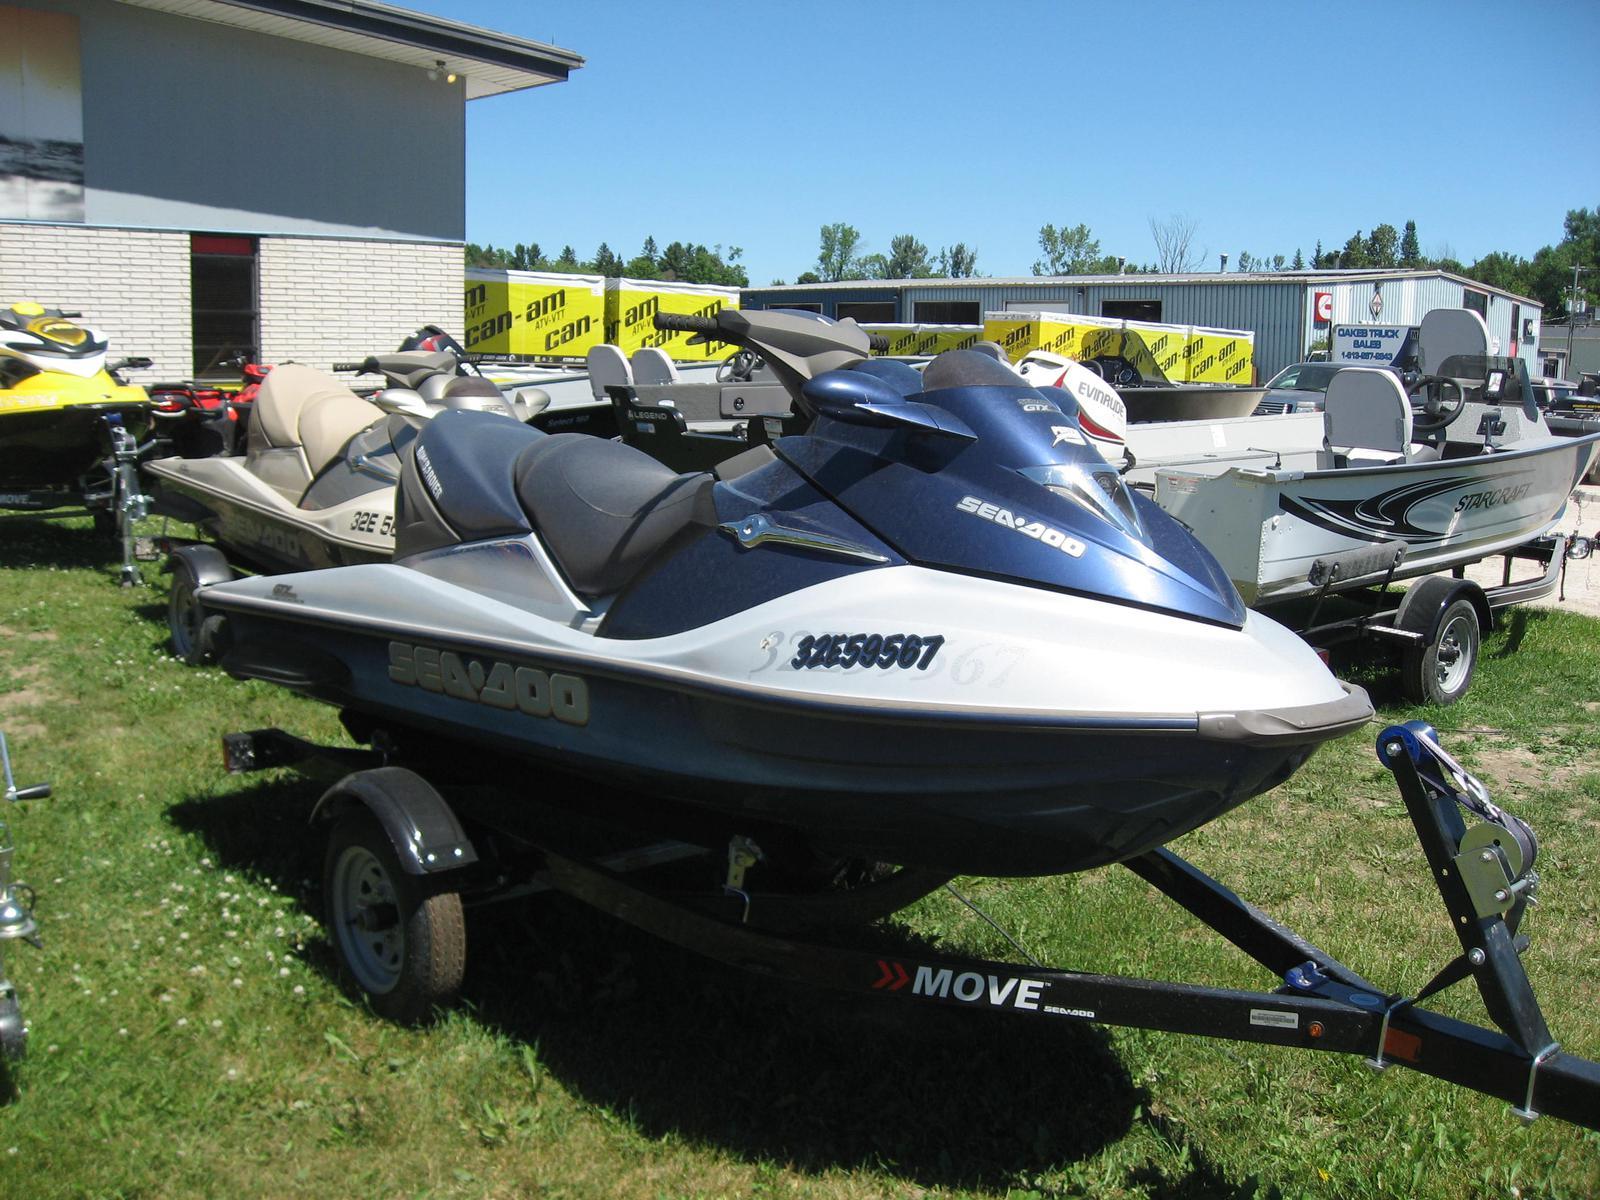 2004 Sea-Doo GTX 185 SC